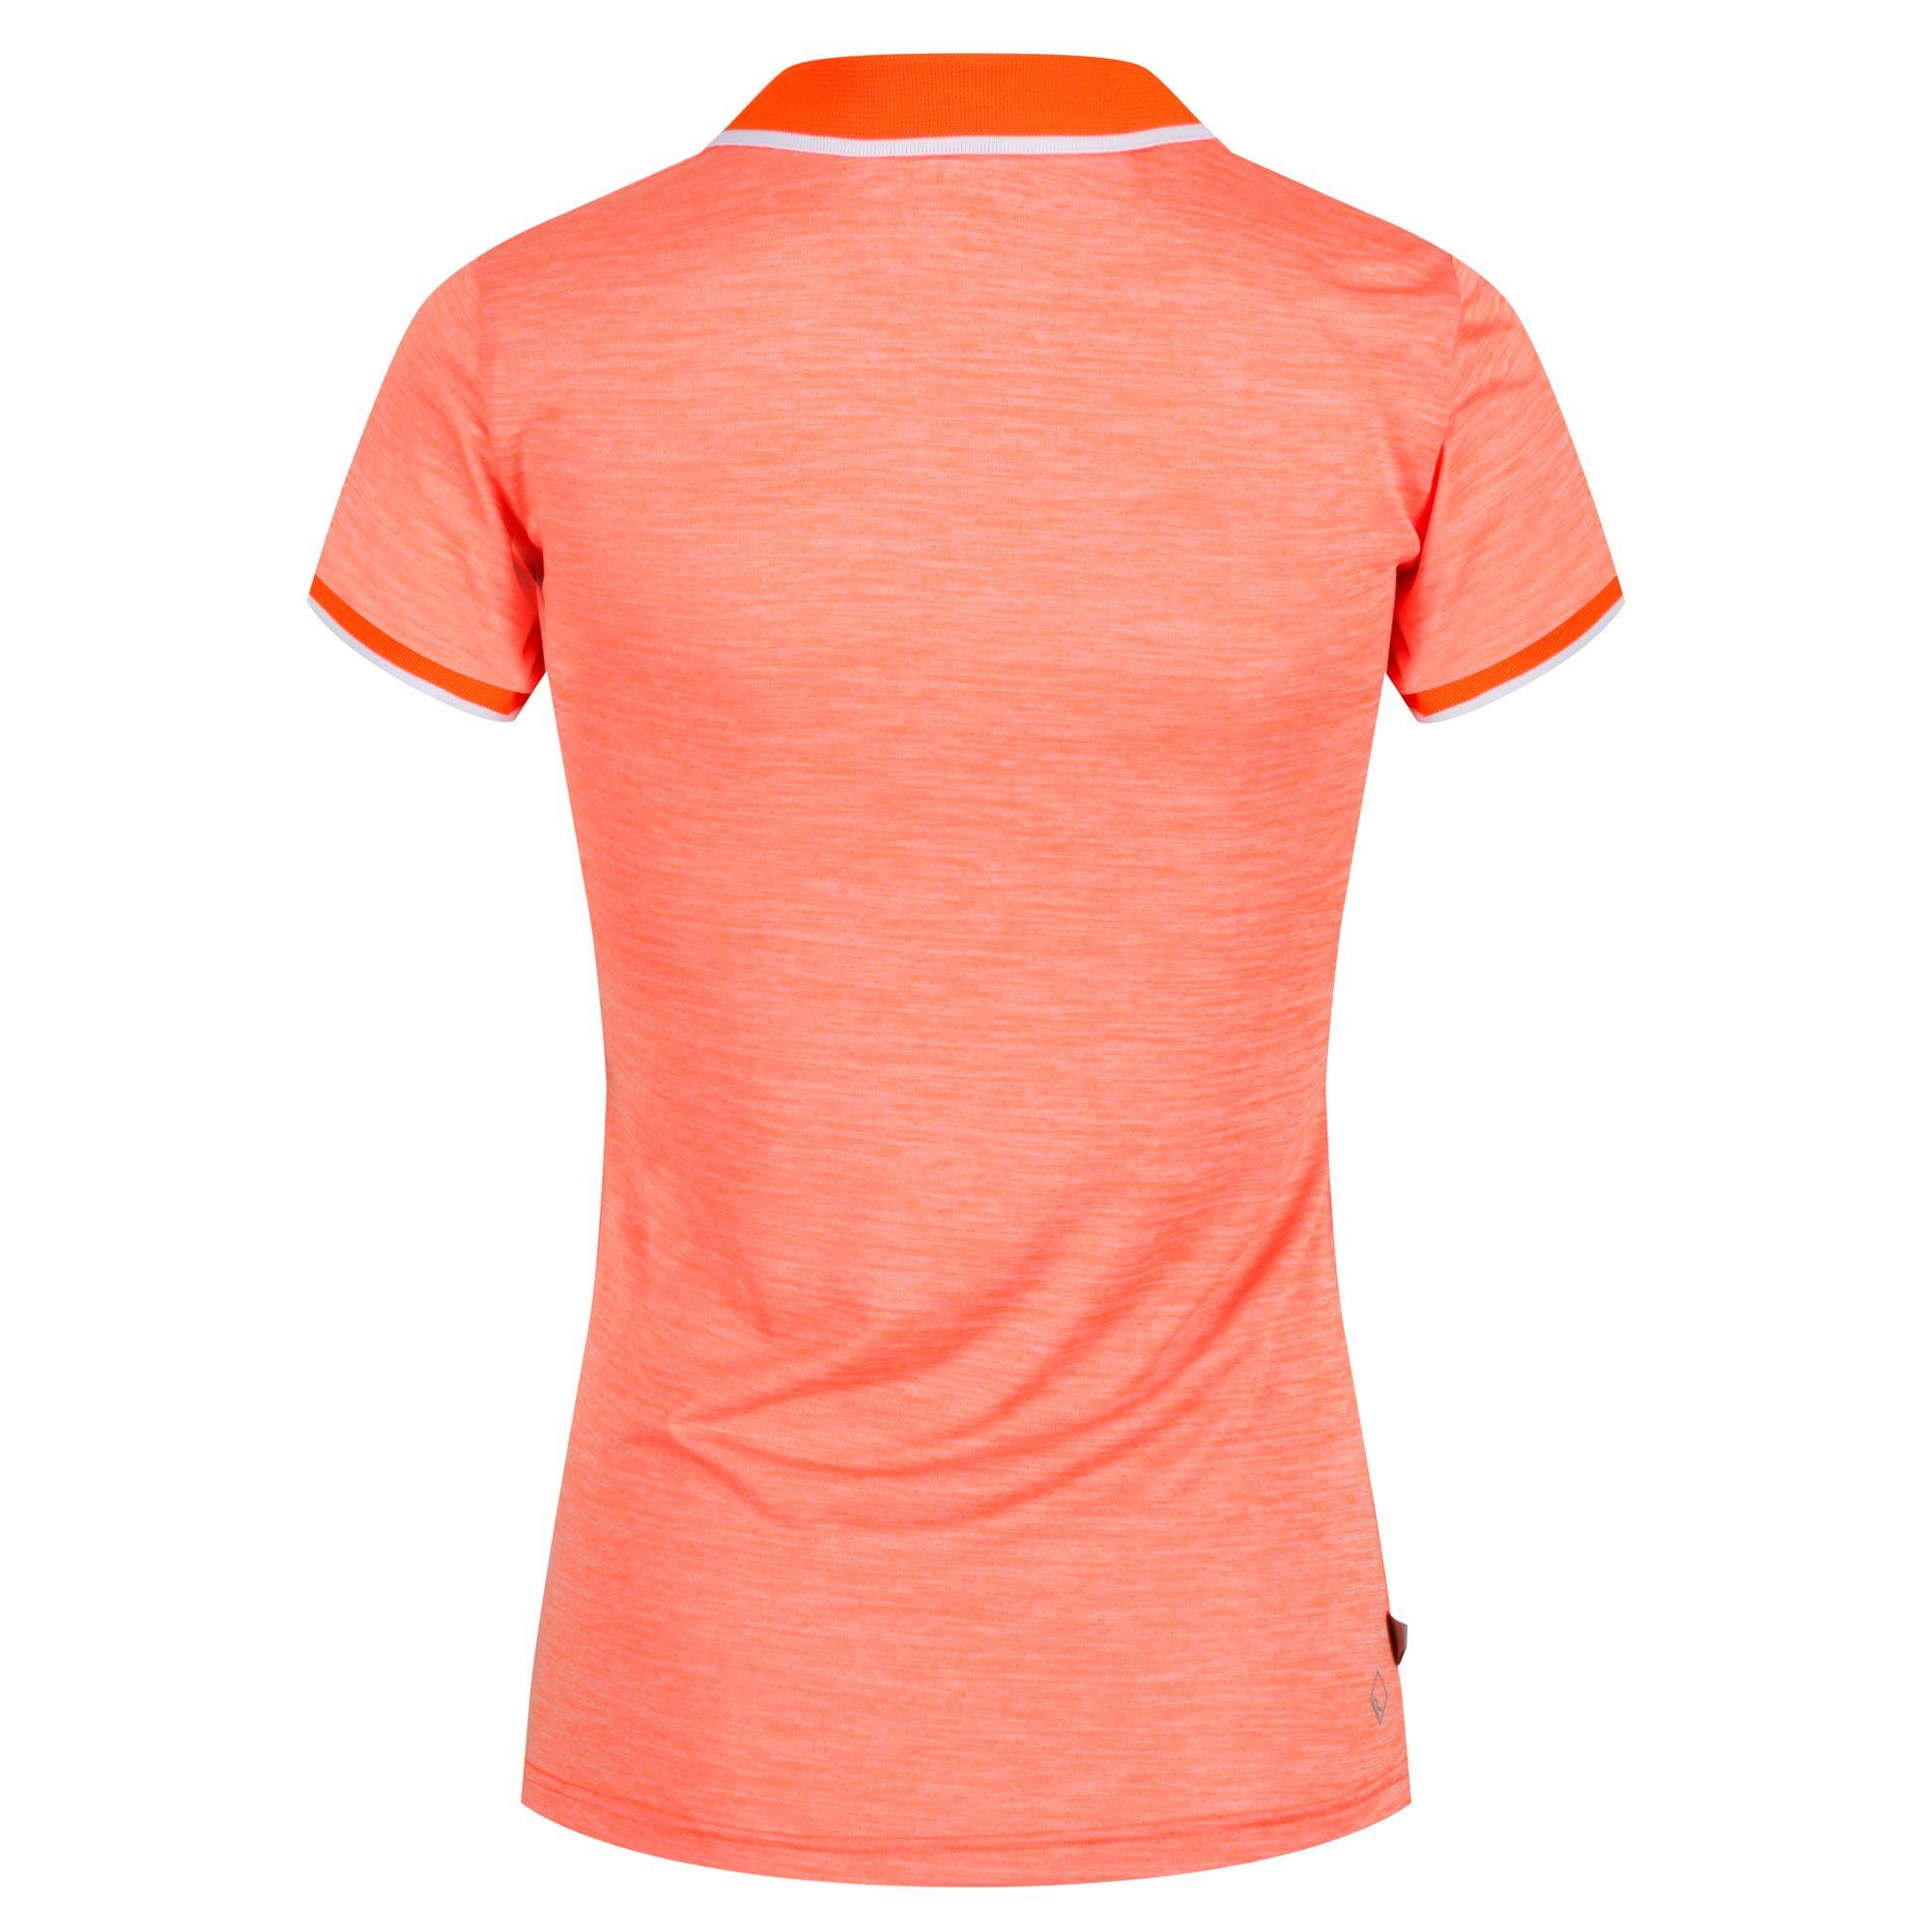 Regatta-Womens-Ladies-Remex-II-Polo-Neck-T-Shirt-RG4477 thumbnail 19